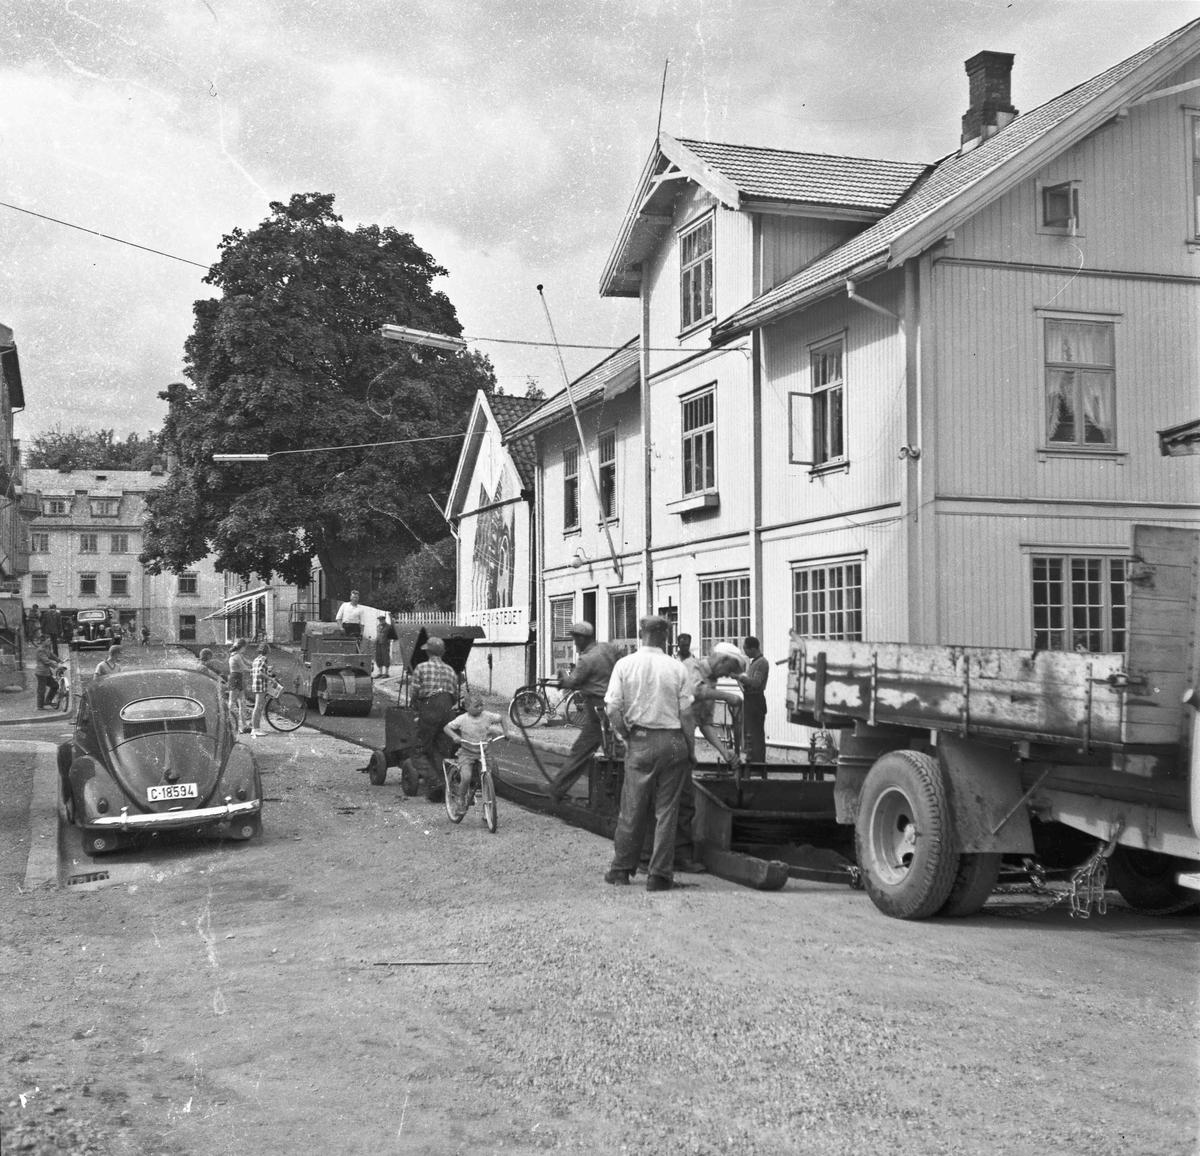 Sommeren 1957 ble gatene i Sundet asfaltlagt. Her arbeides det utenfor Eidsvoll Blads gård.